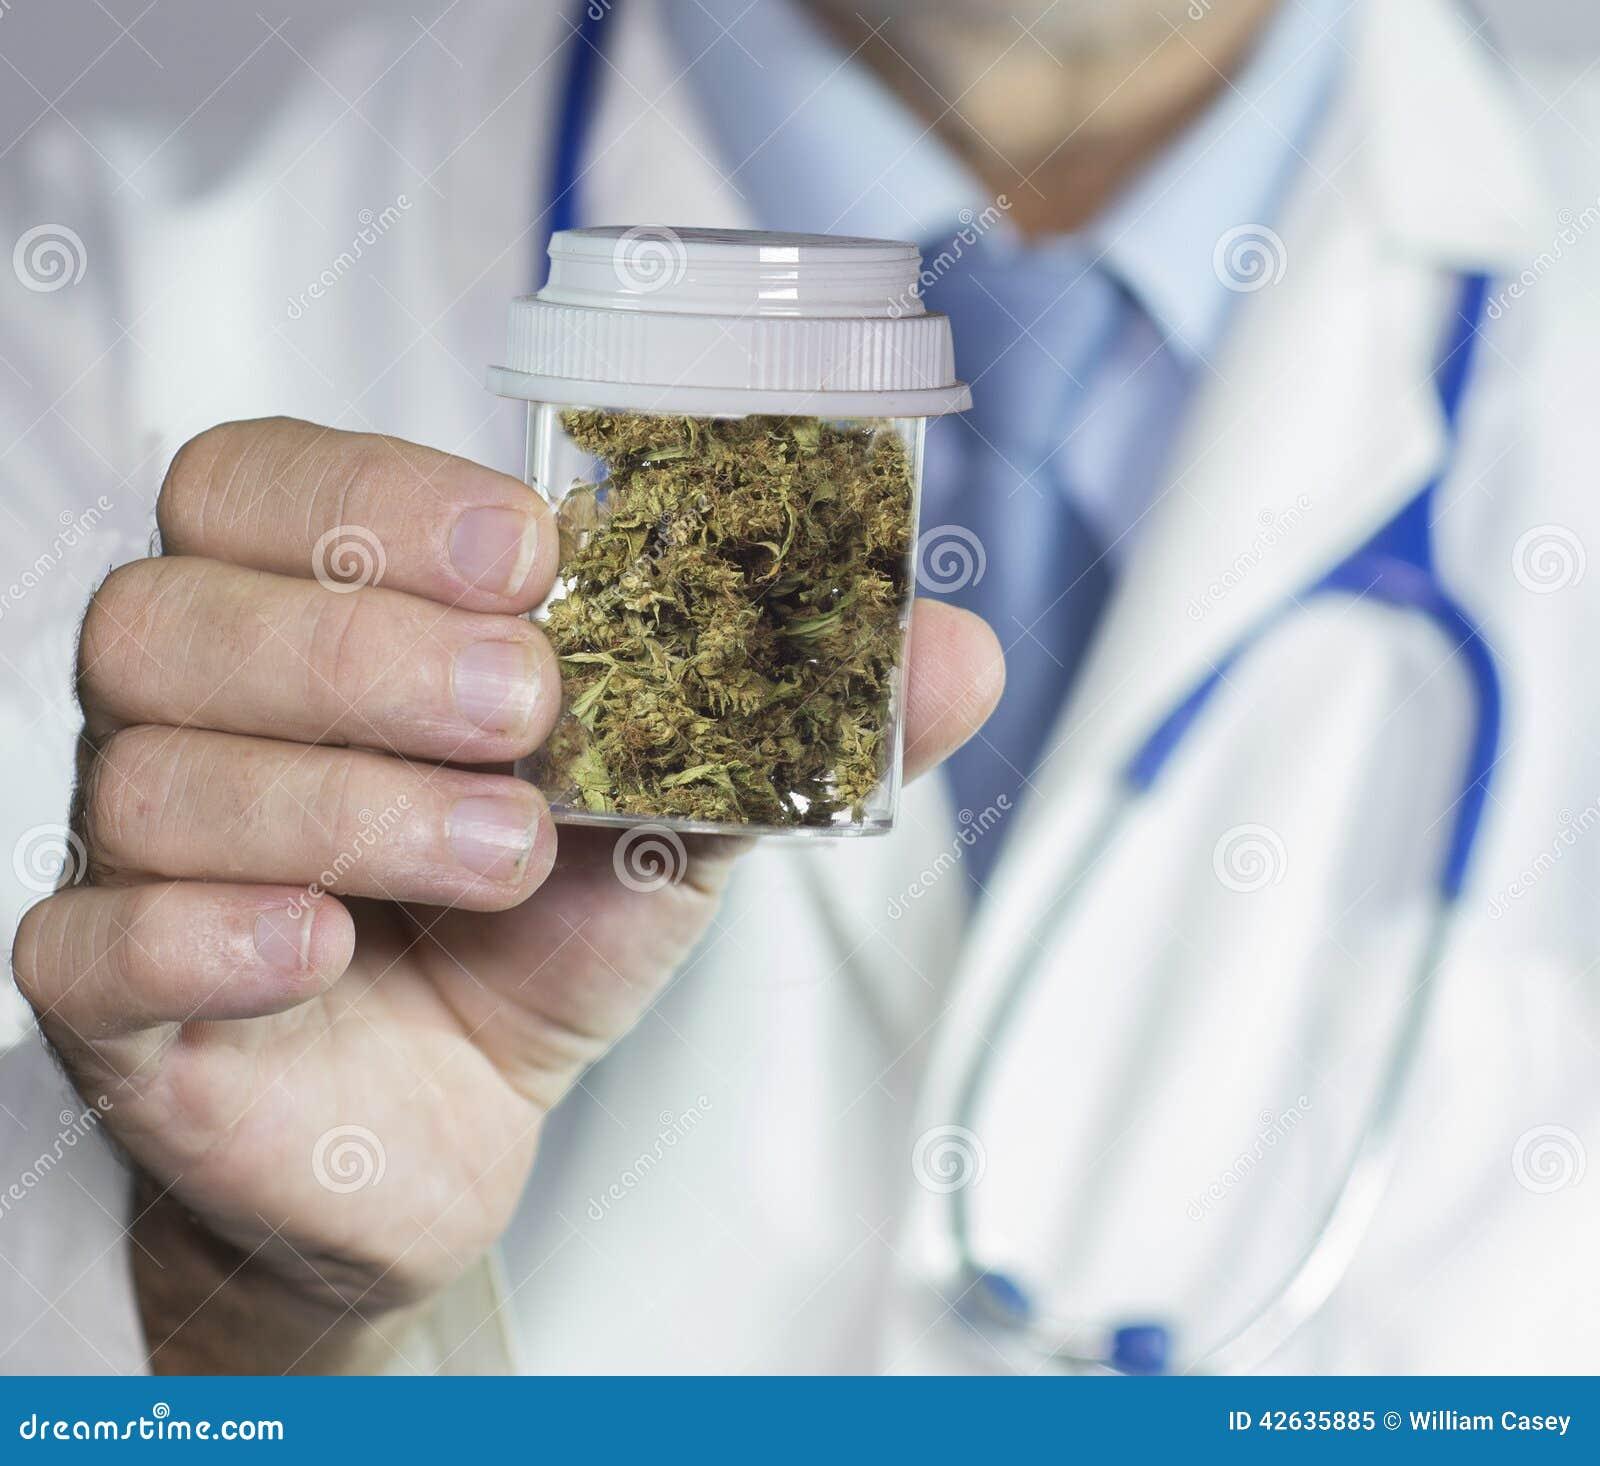 essay on medical marijuana